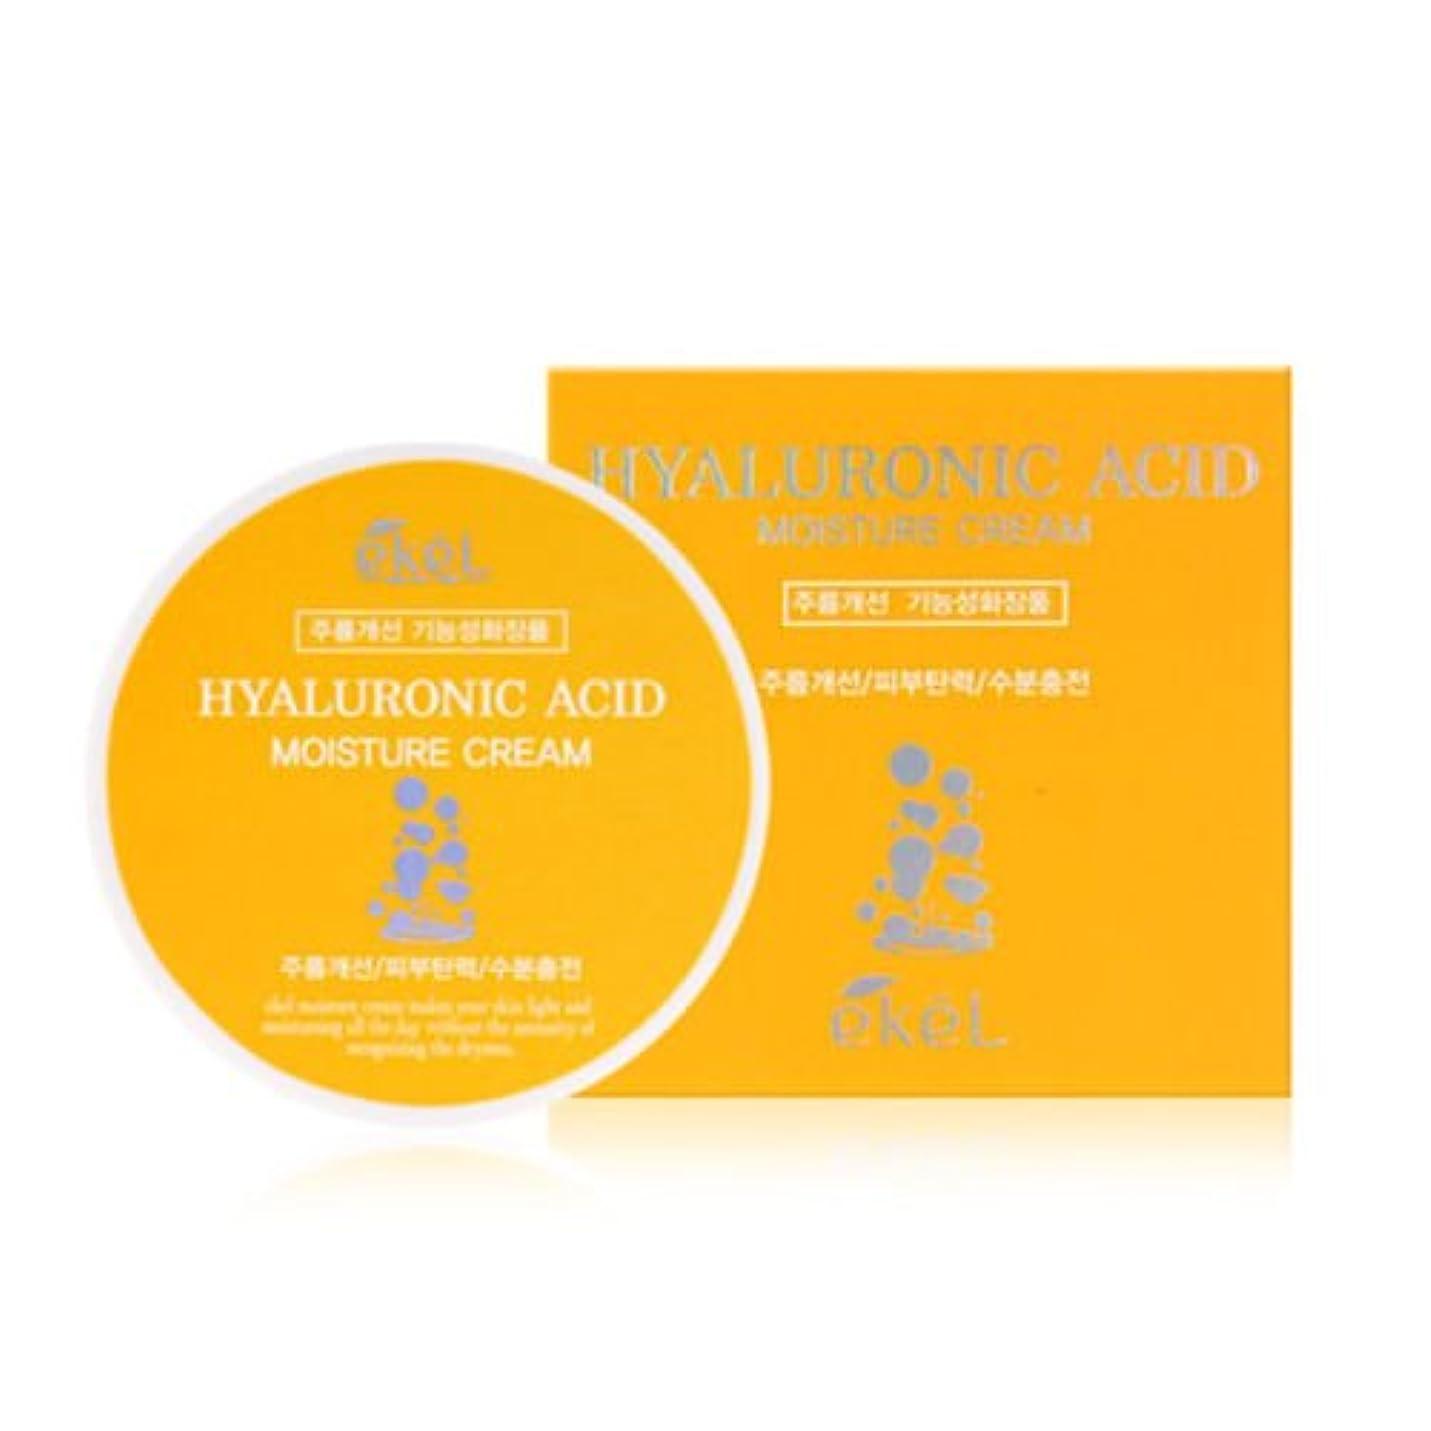 仮定する演じる腹イケル[韓国コスメEkel]Hyaluronic acid Moisture Cream ヒアルロン酸モイスチャークリーム100g [並行輸入品]